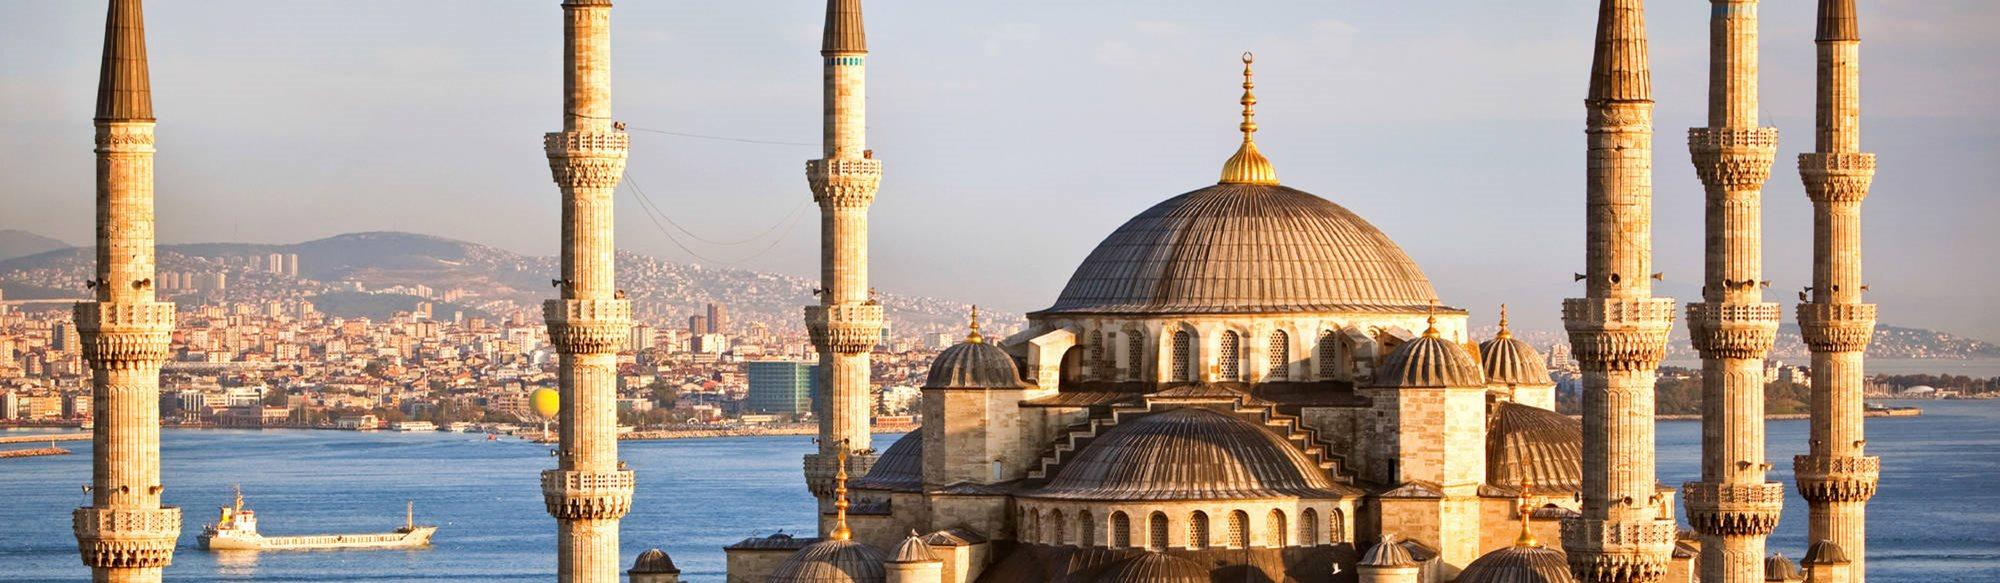 Istanbul pris och sprit lockar svenskar till